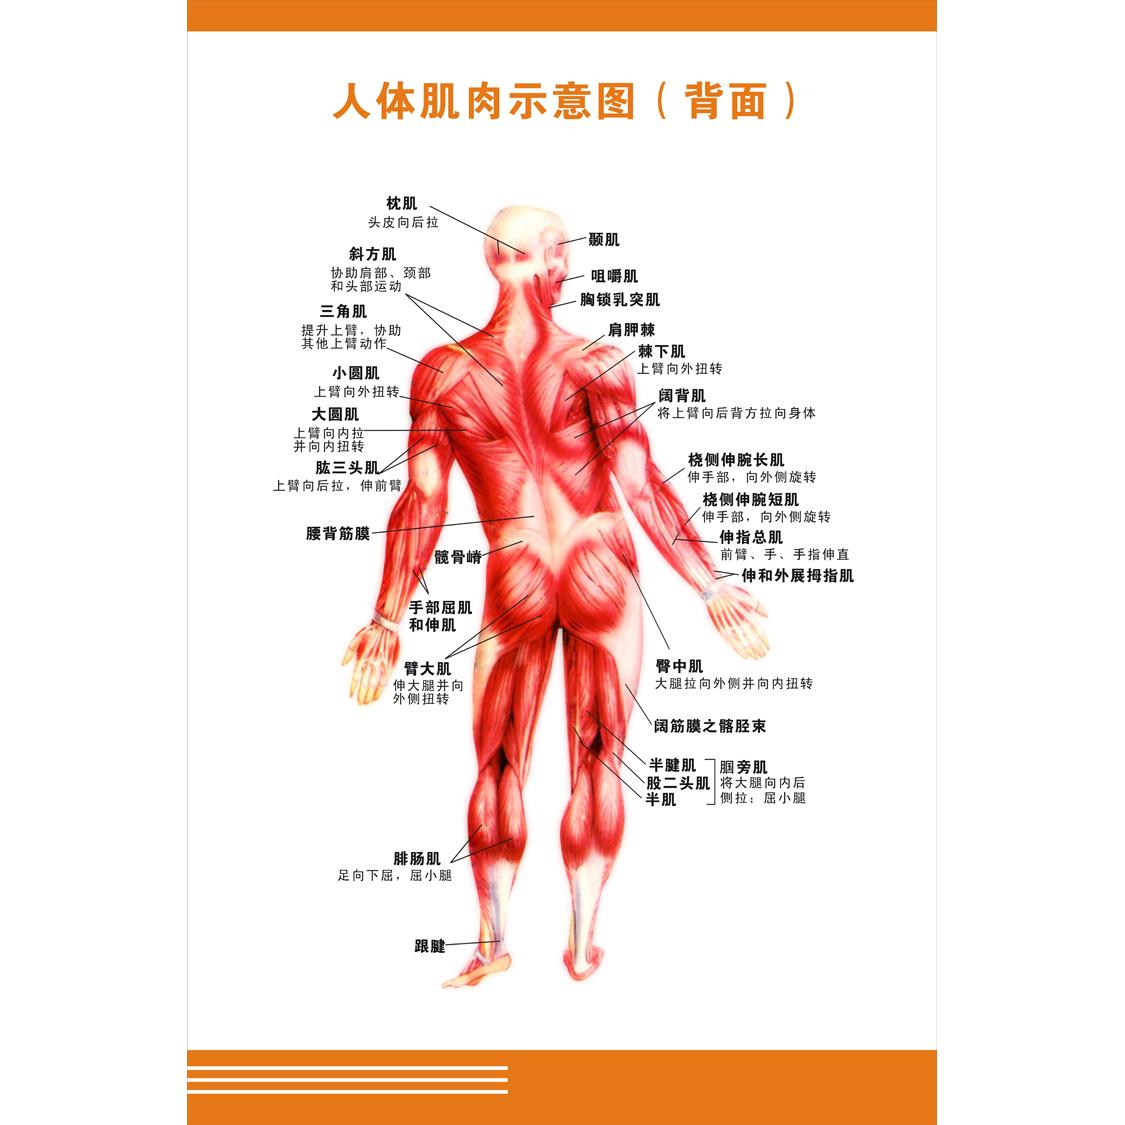 人体肌肉分布图_人体肌肉图解海报健身运动海报肌肉结构分布图健身器械使用示意图